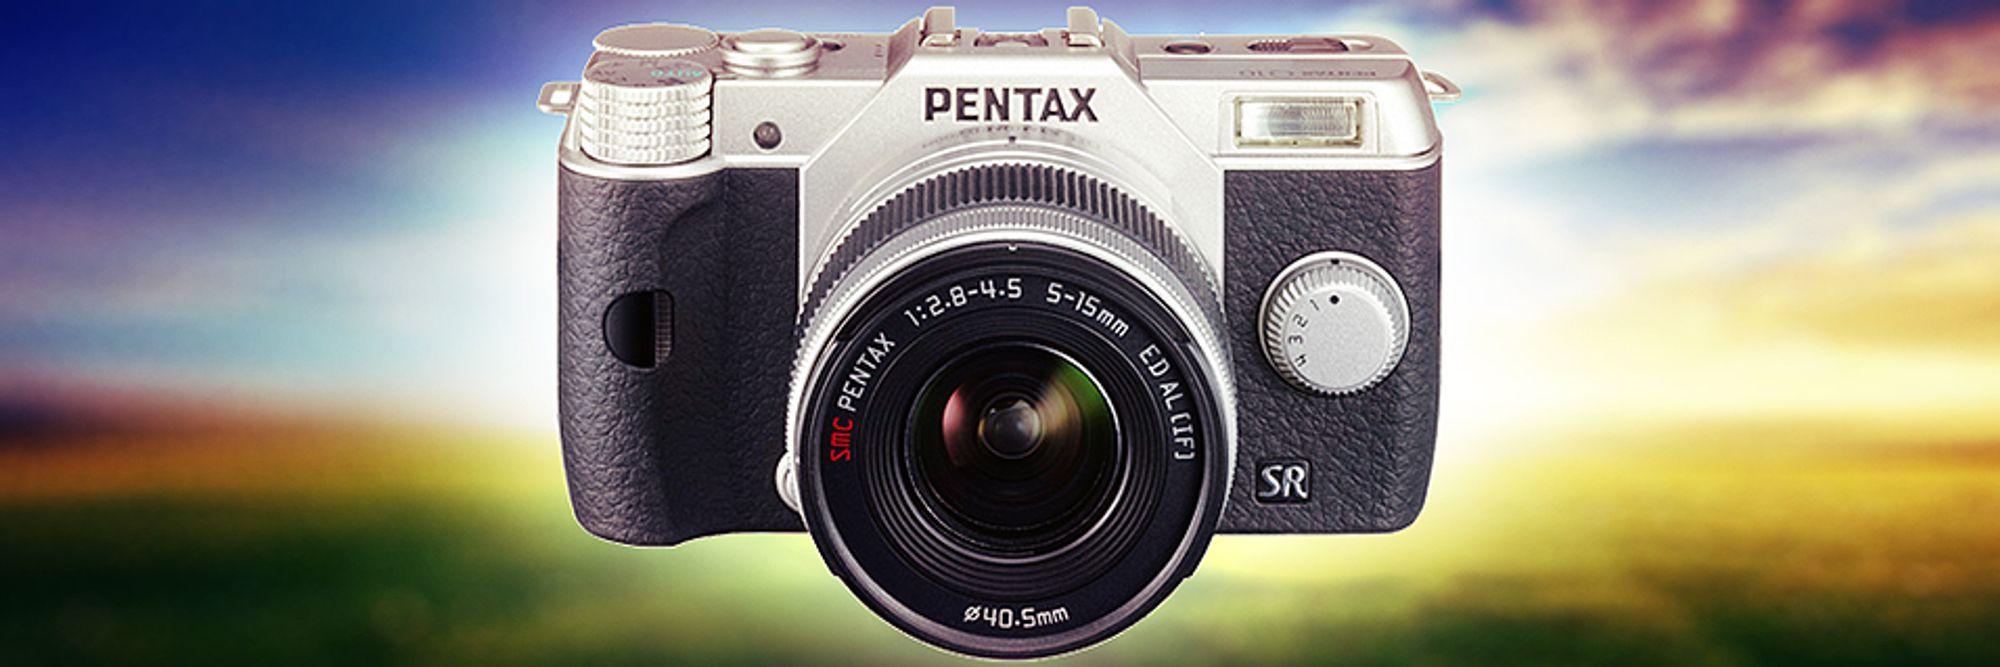 Her er Pentax Q10